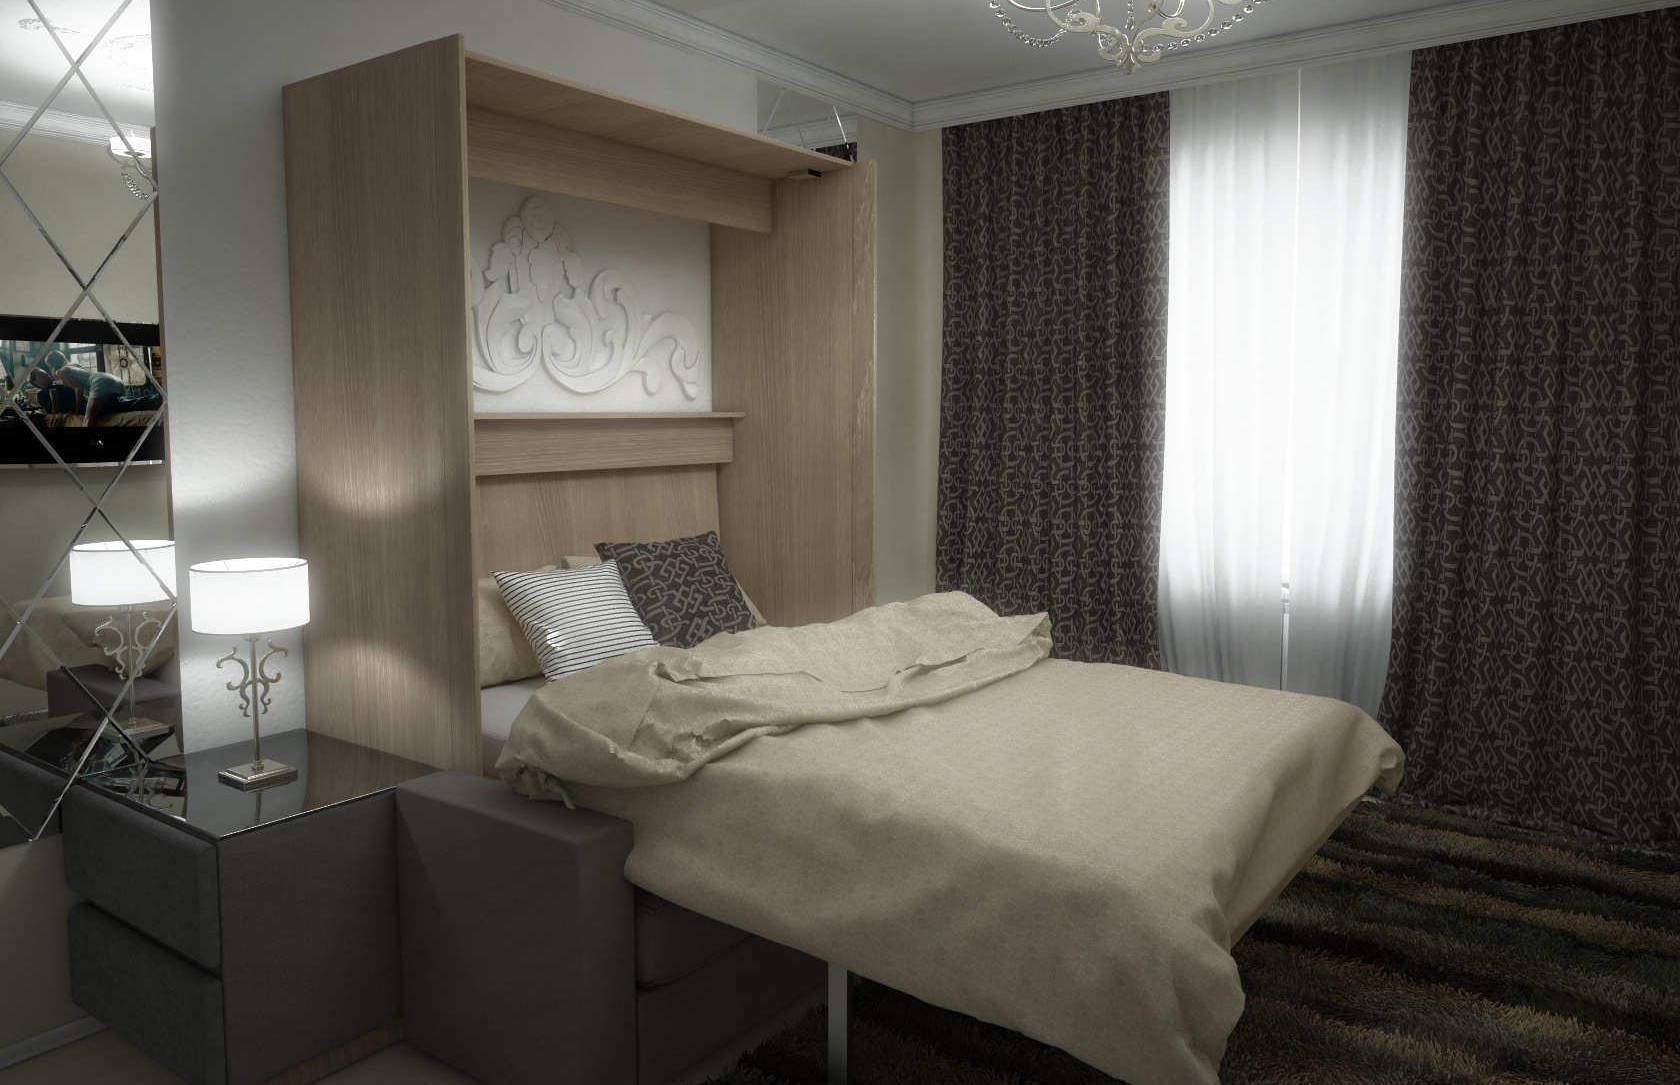 Комплект с подъёмной кроватью и диваном «Соло» купить